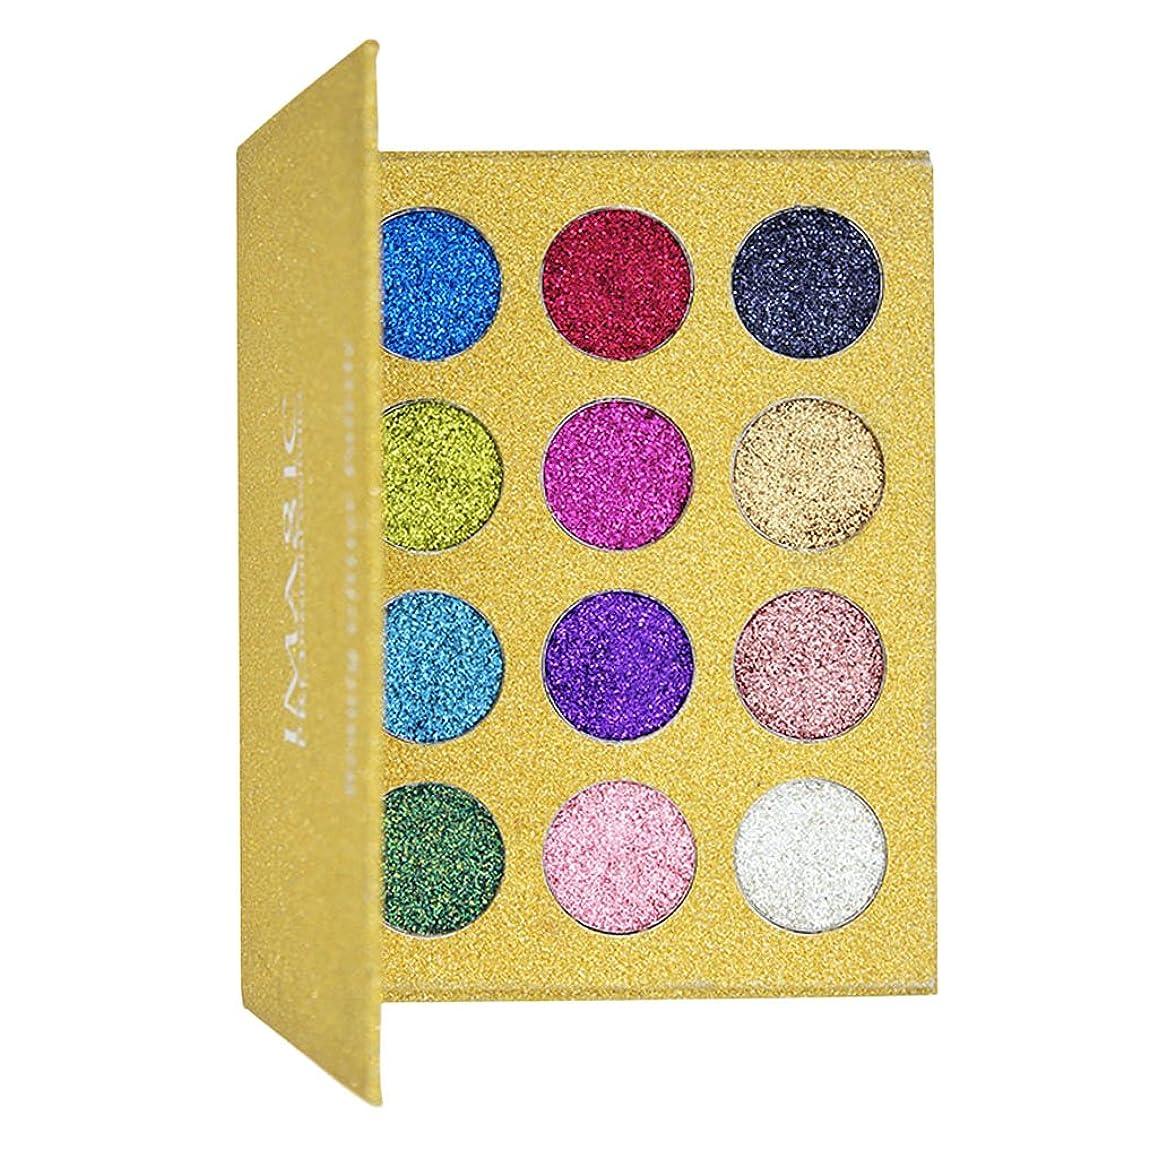 結果として羊の甘美な12色 光沢 アイシャドーパレット ダイヤモンドピグメント アイシャドウ 全2タイプ - #2